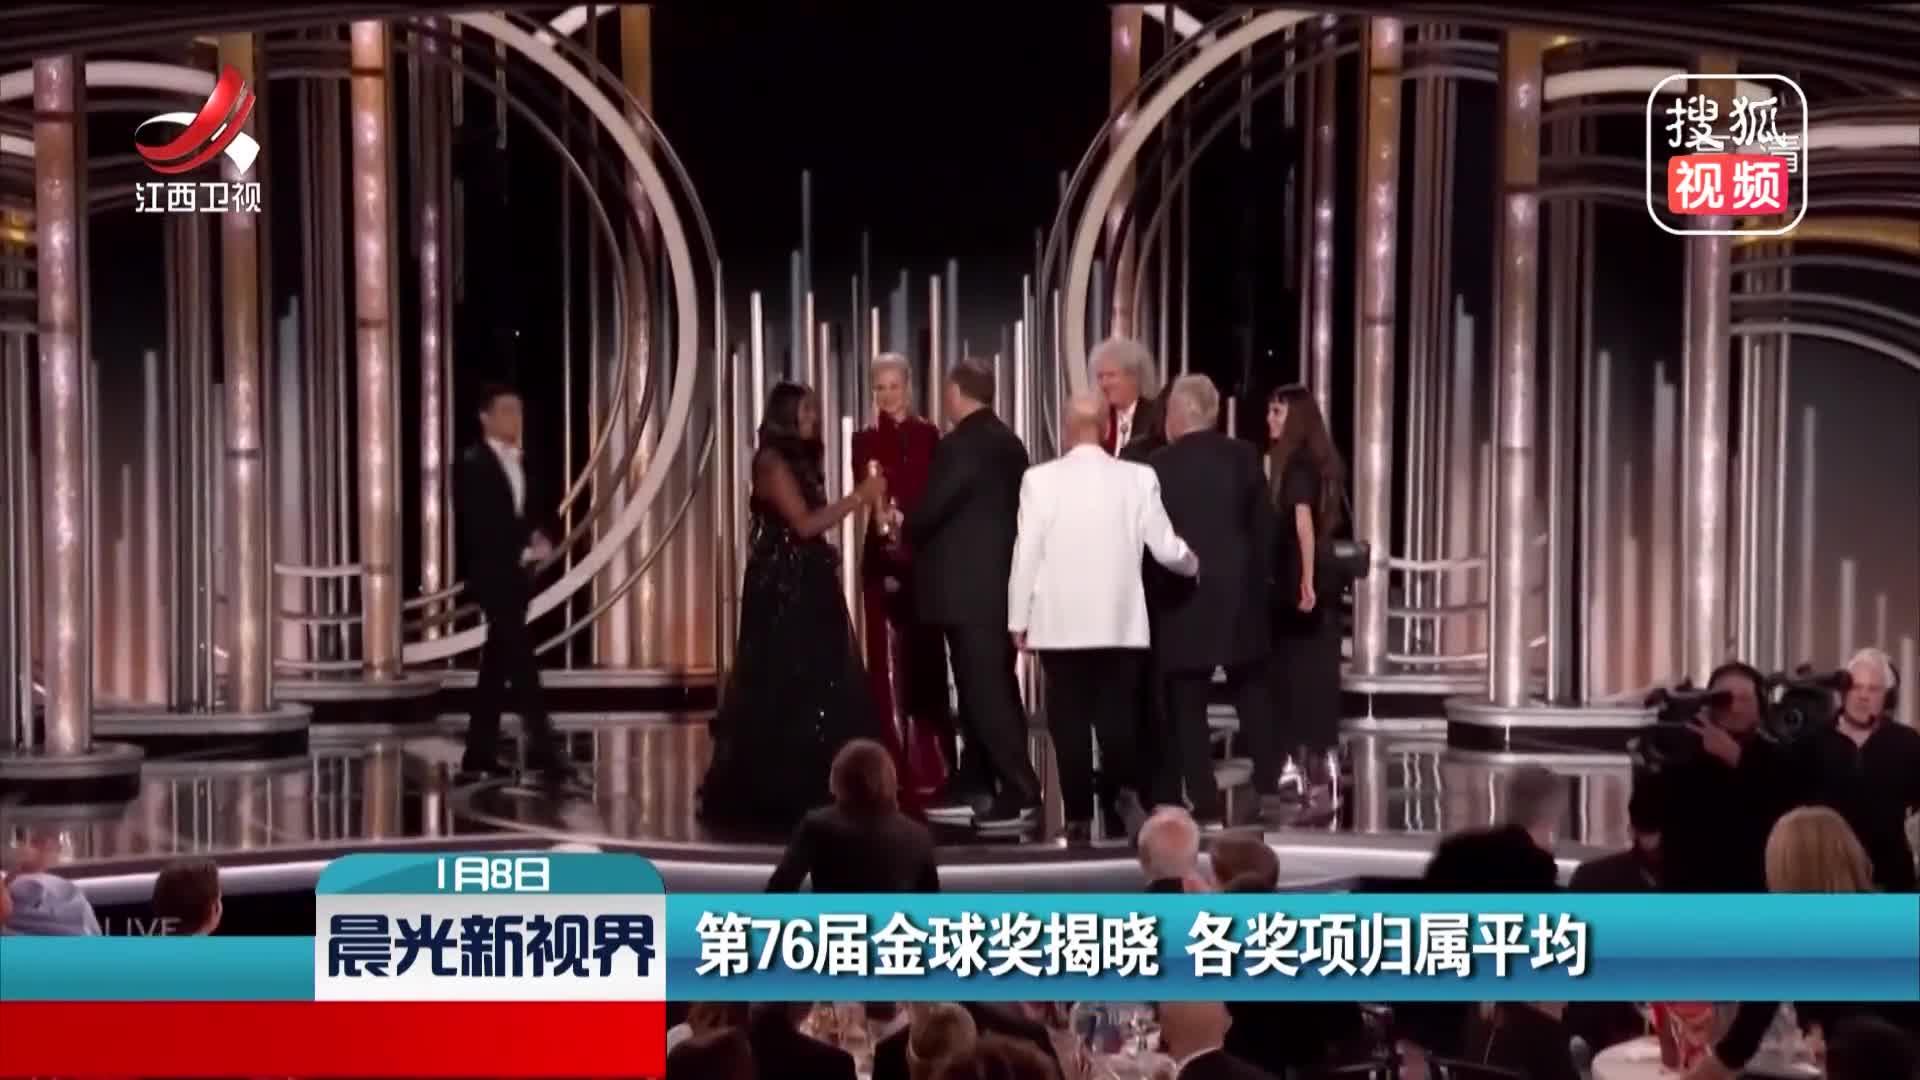 [视频]第76届金球奖揭晓 各奖项归属平均